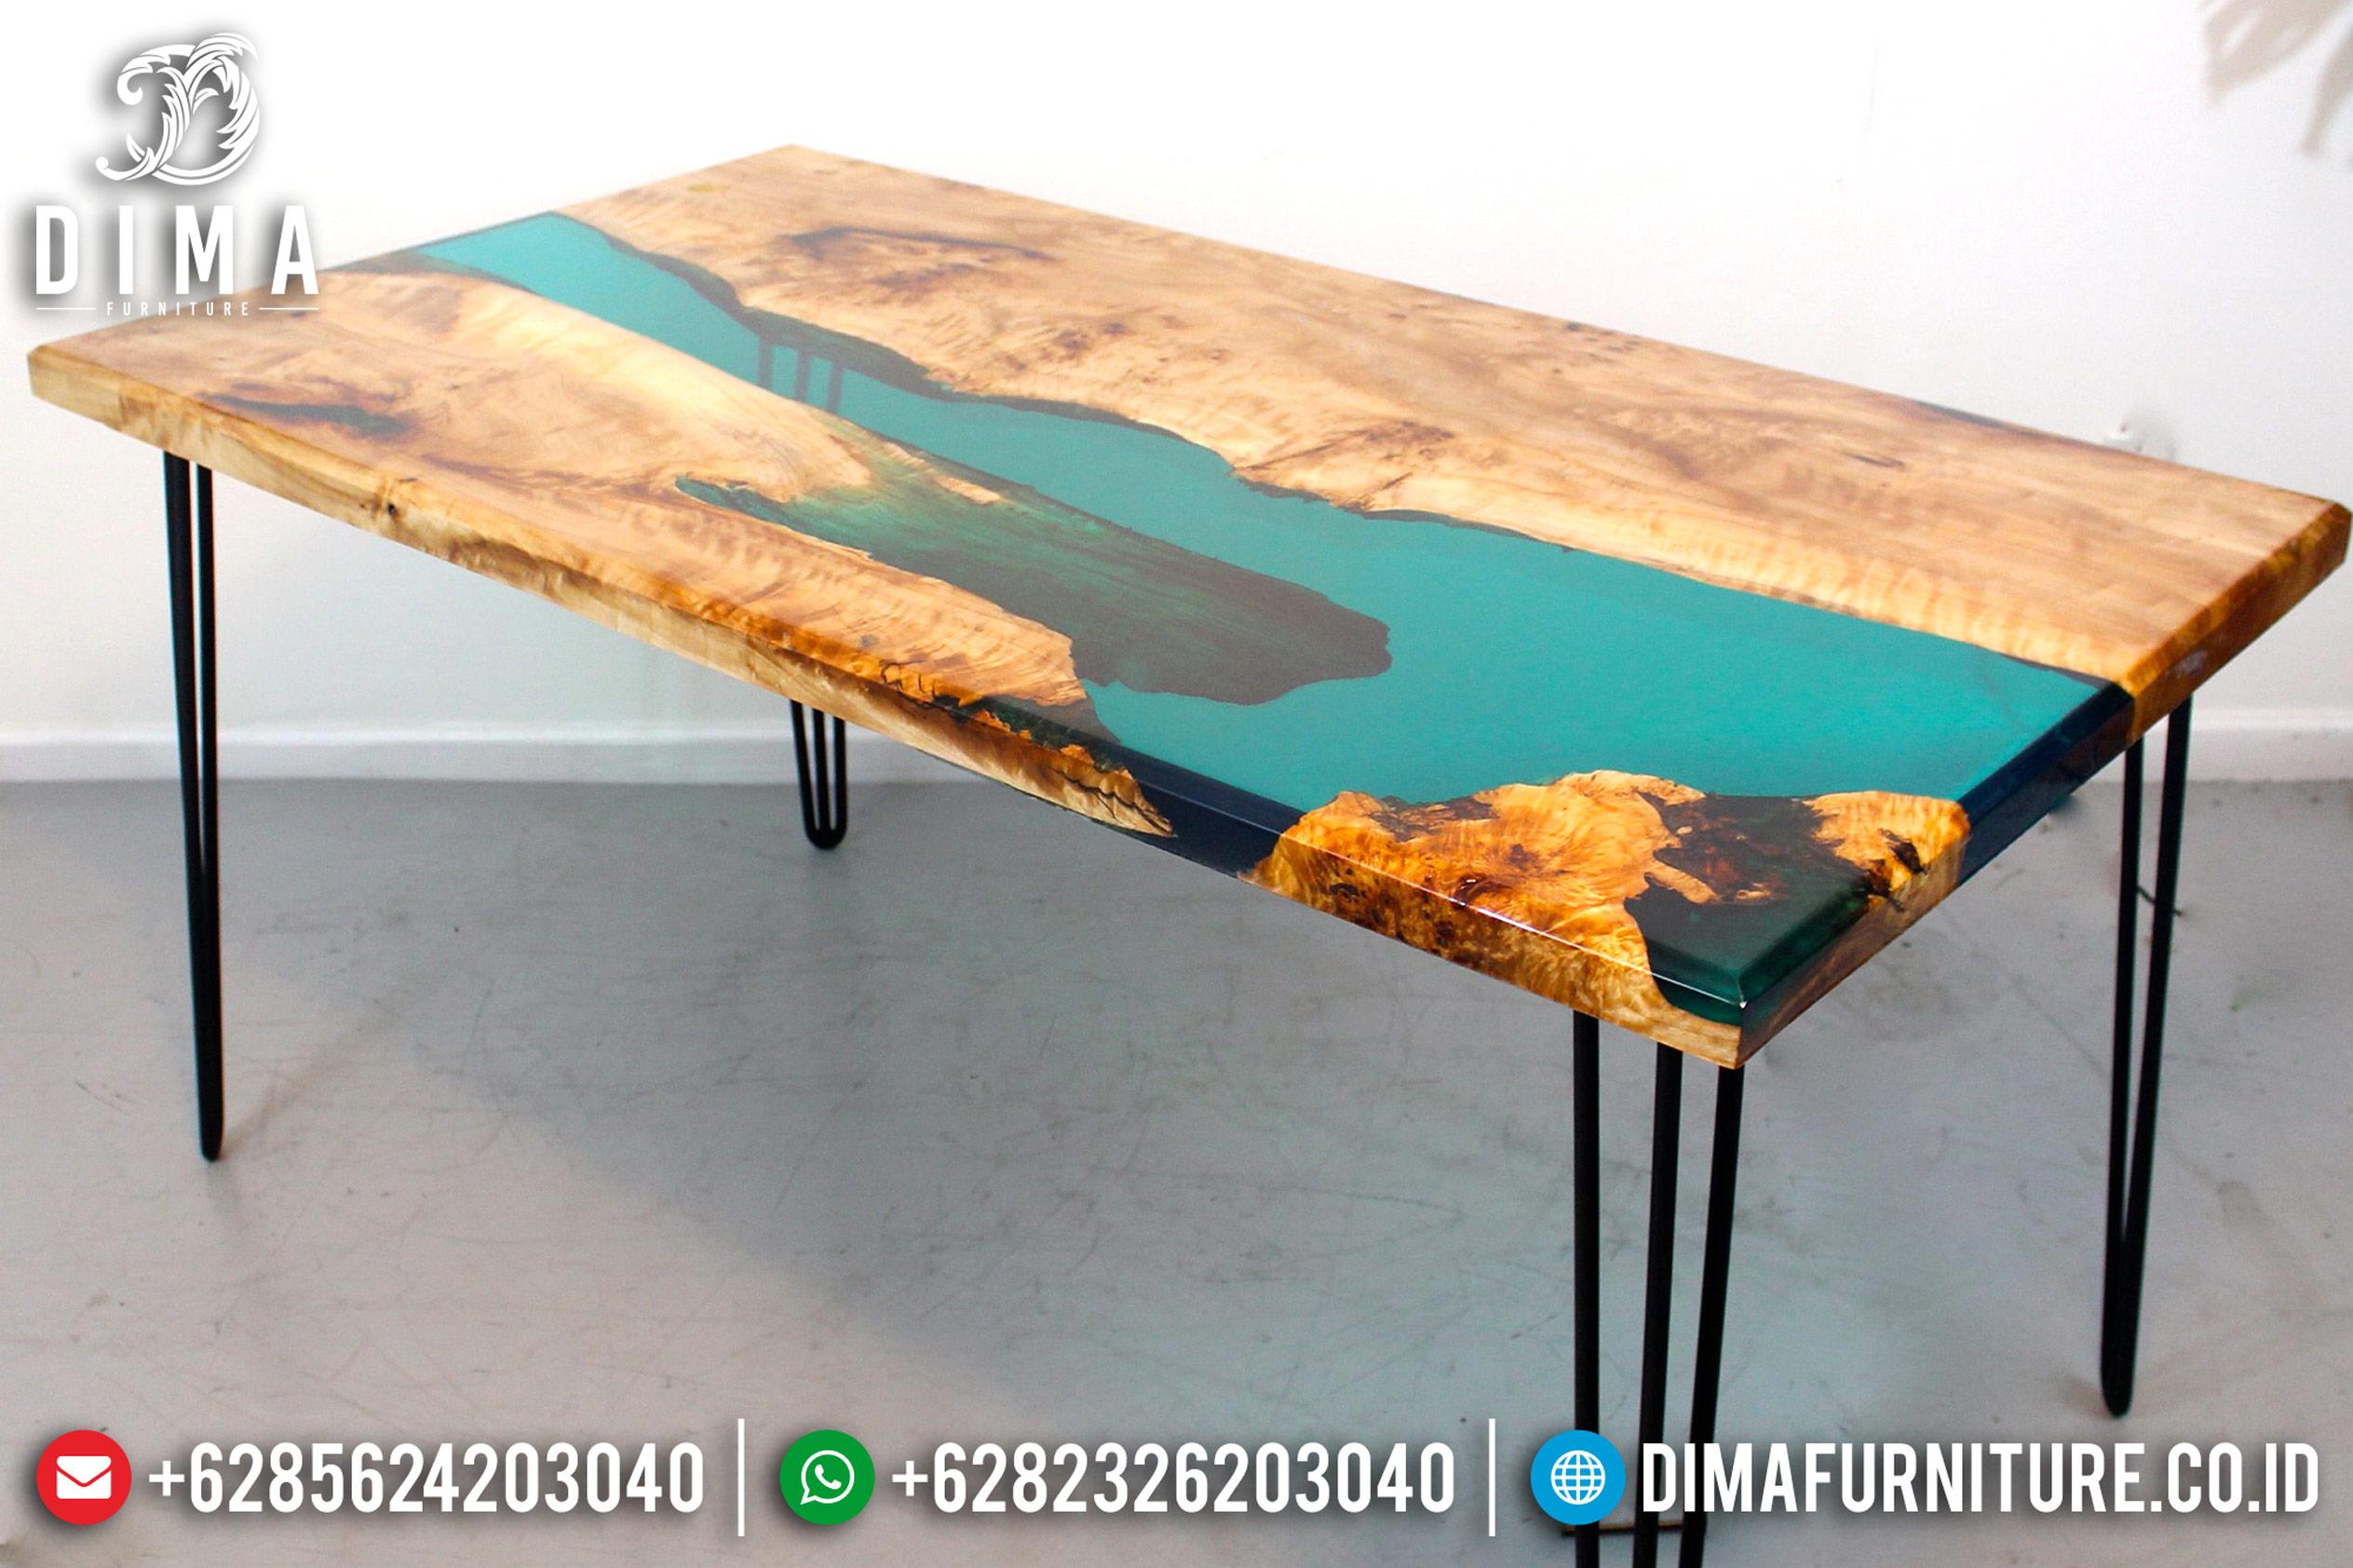 Jual Meja Resin Minimalis, Industrial Furniture Indonesia, Mebel Jepara Resin ST-0642